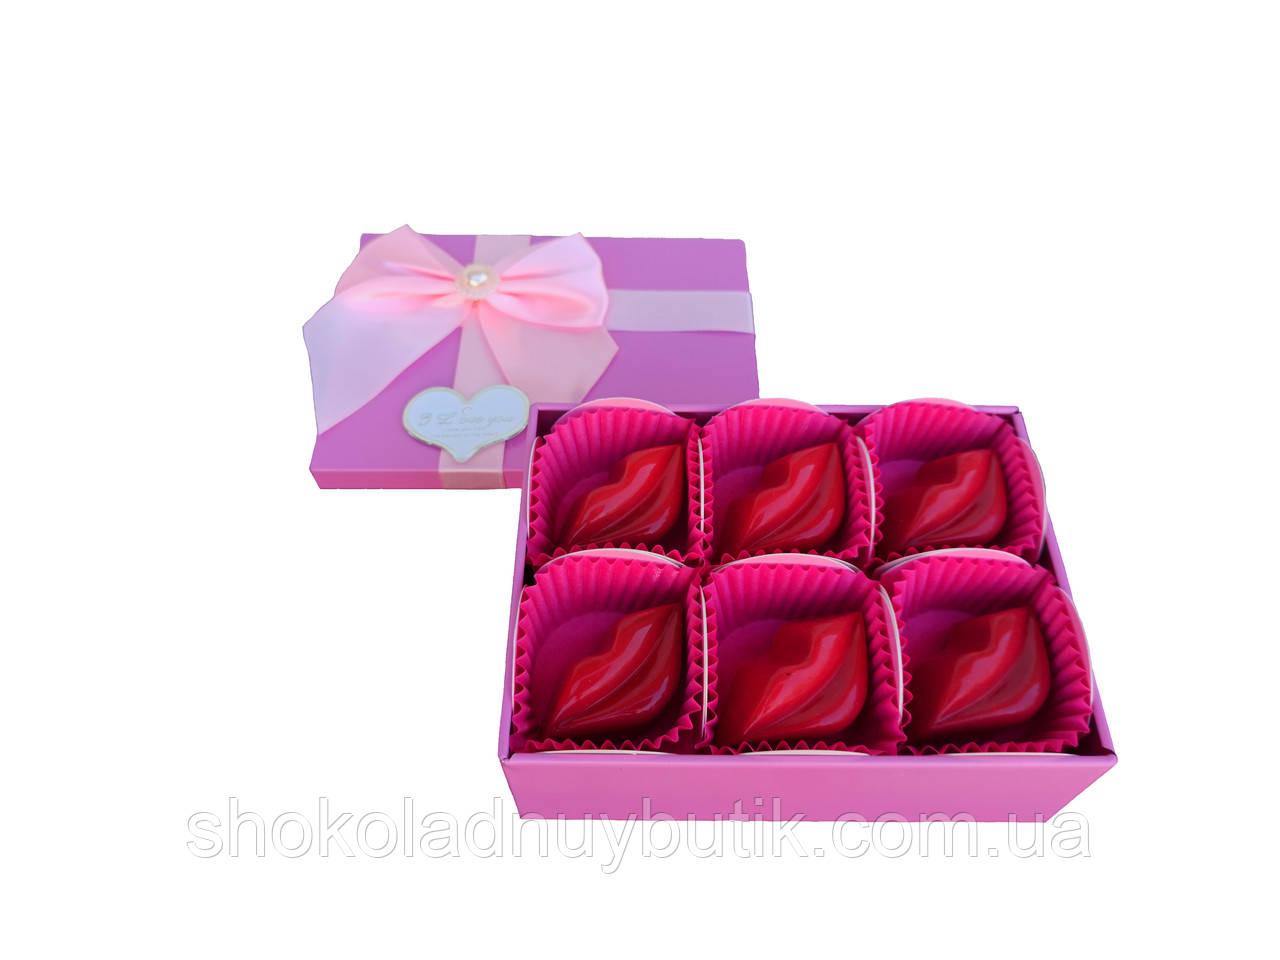 Шоколадные конфеты ручной роботы *Sweet kisses*